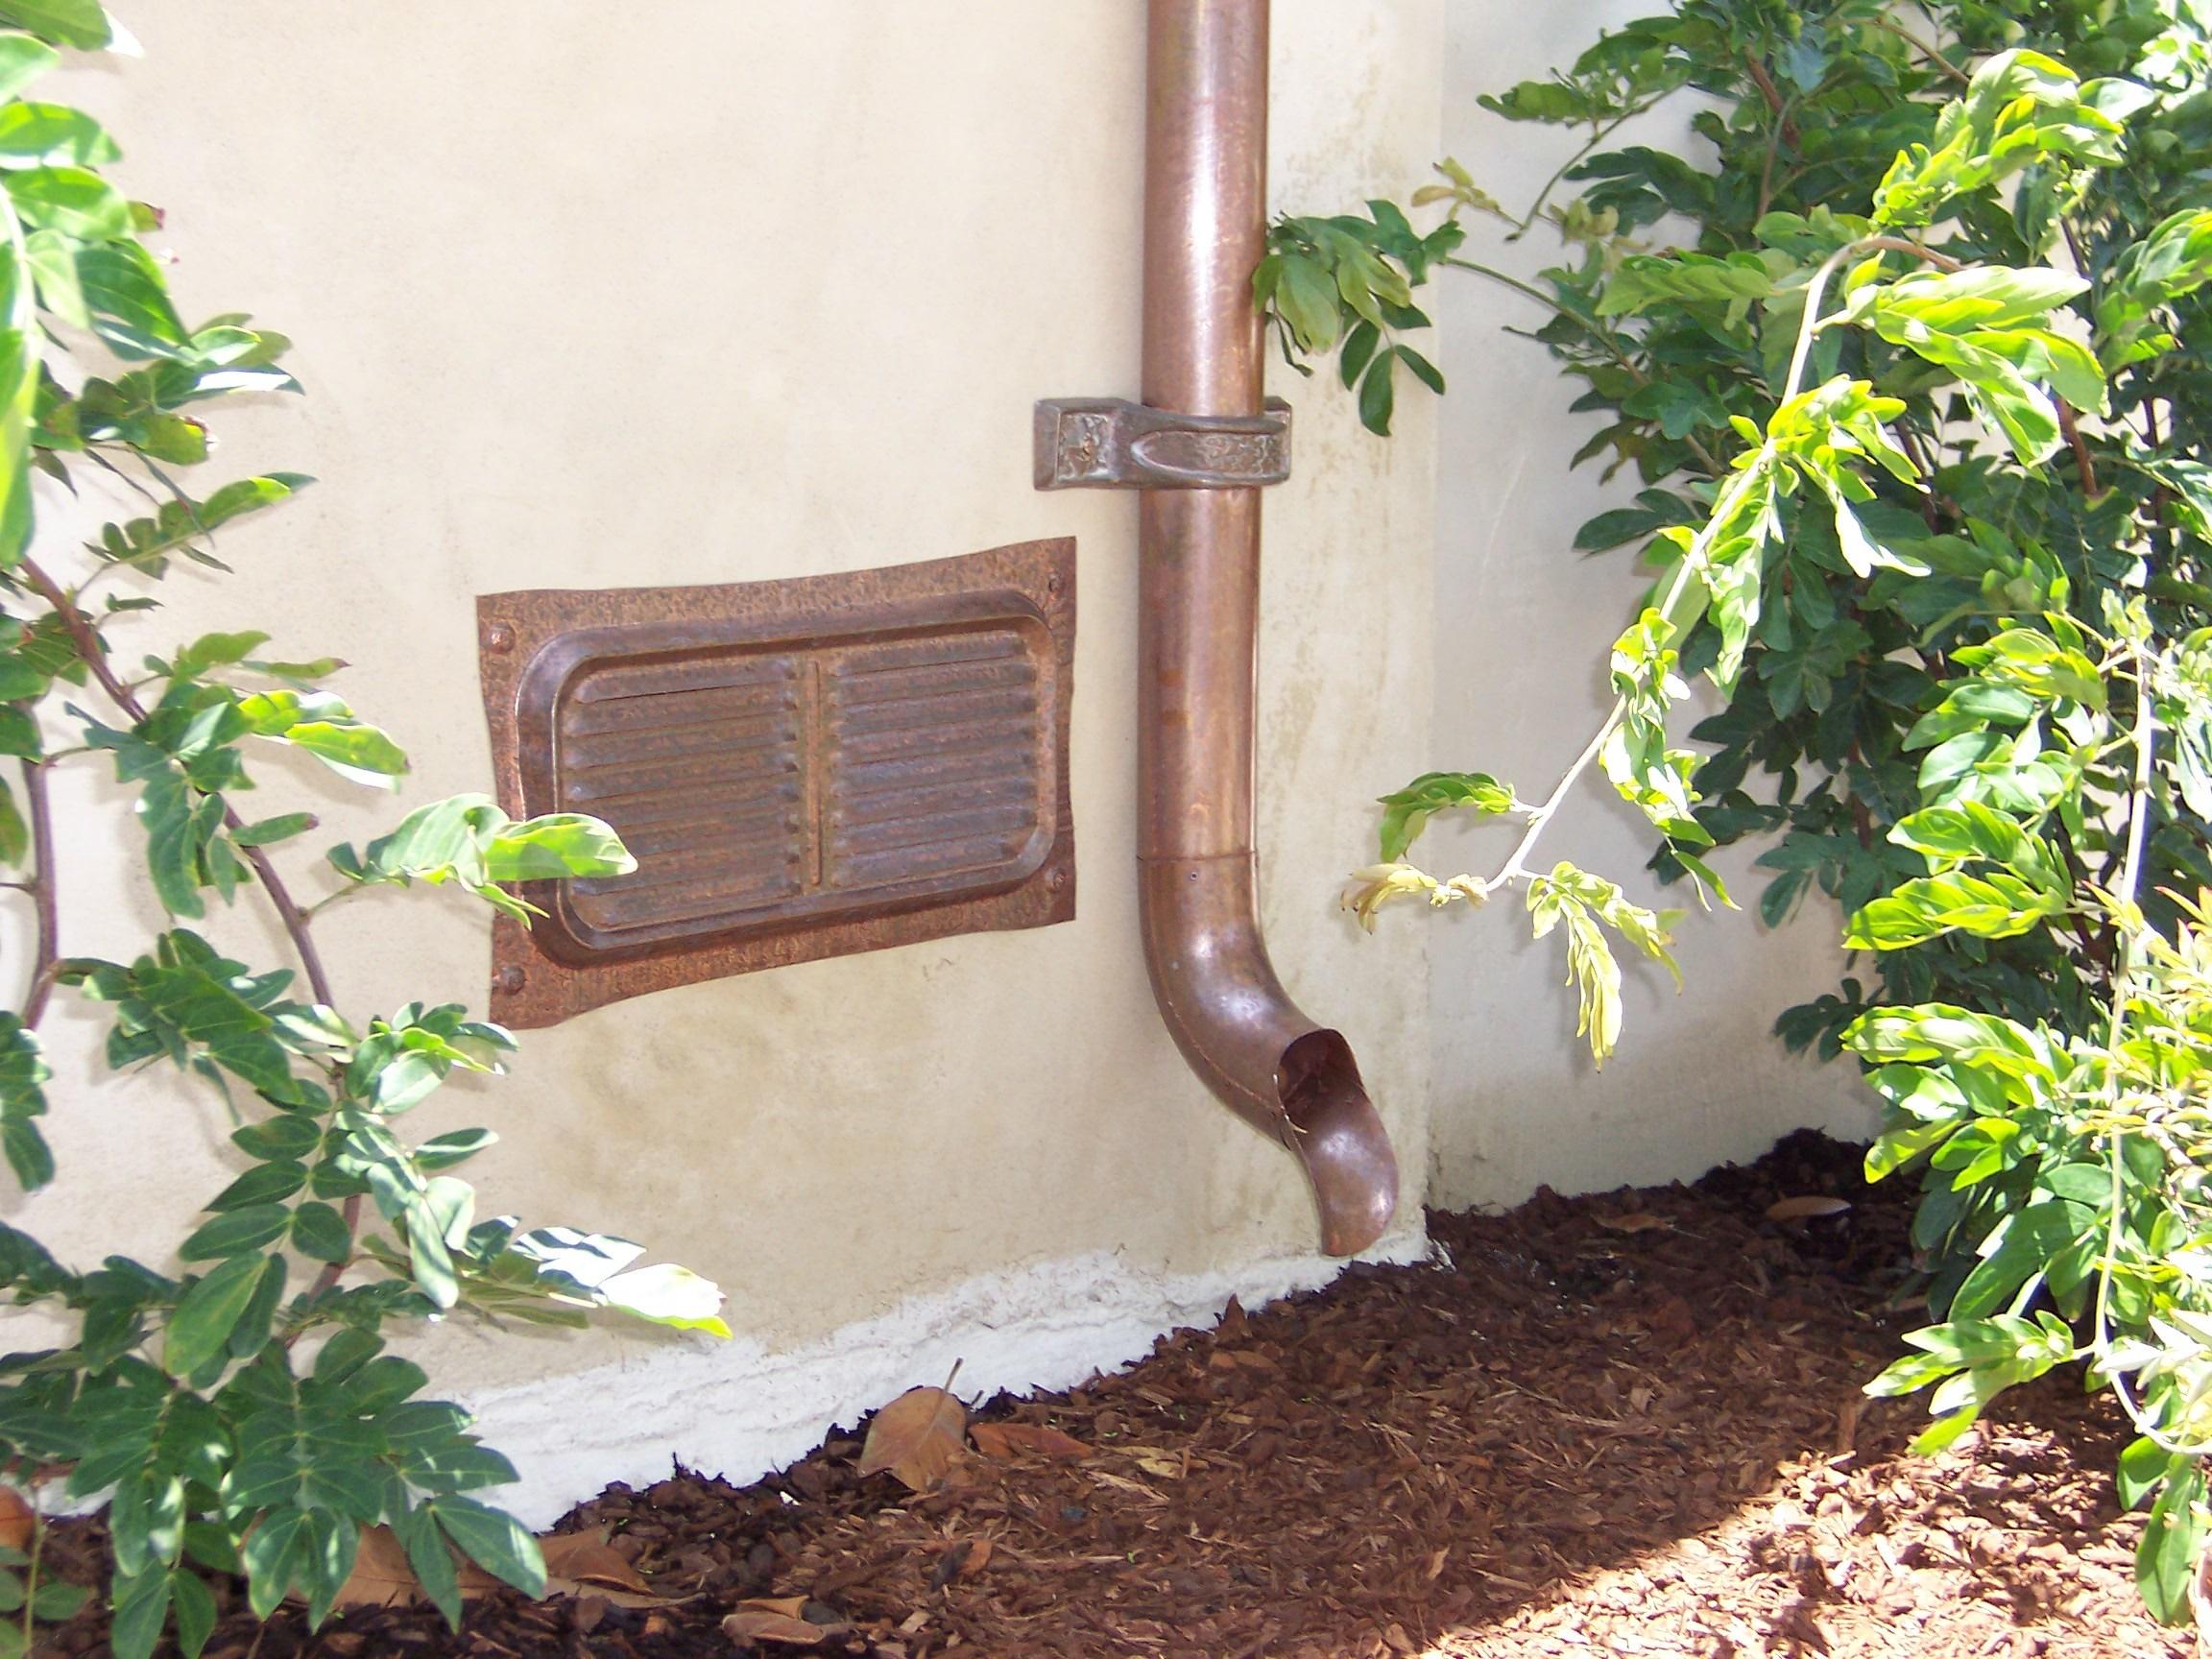 Aquatech Raingutters Soltech Patio Covers San Diego Ca